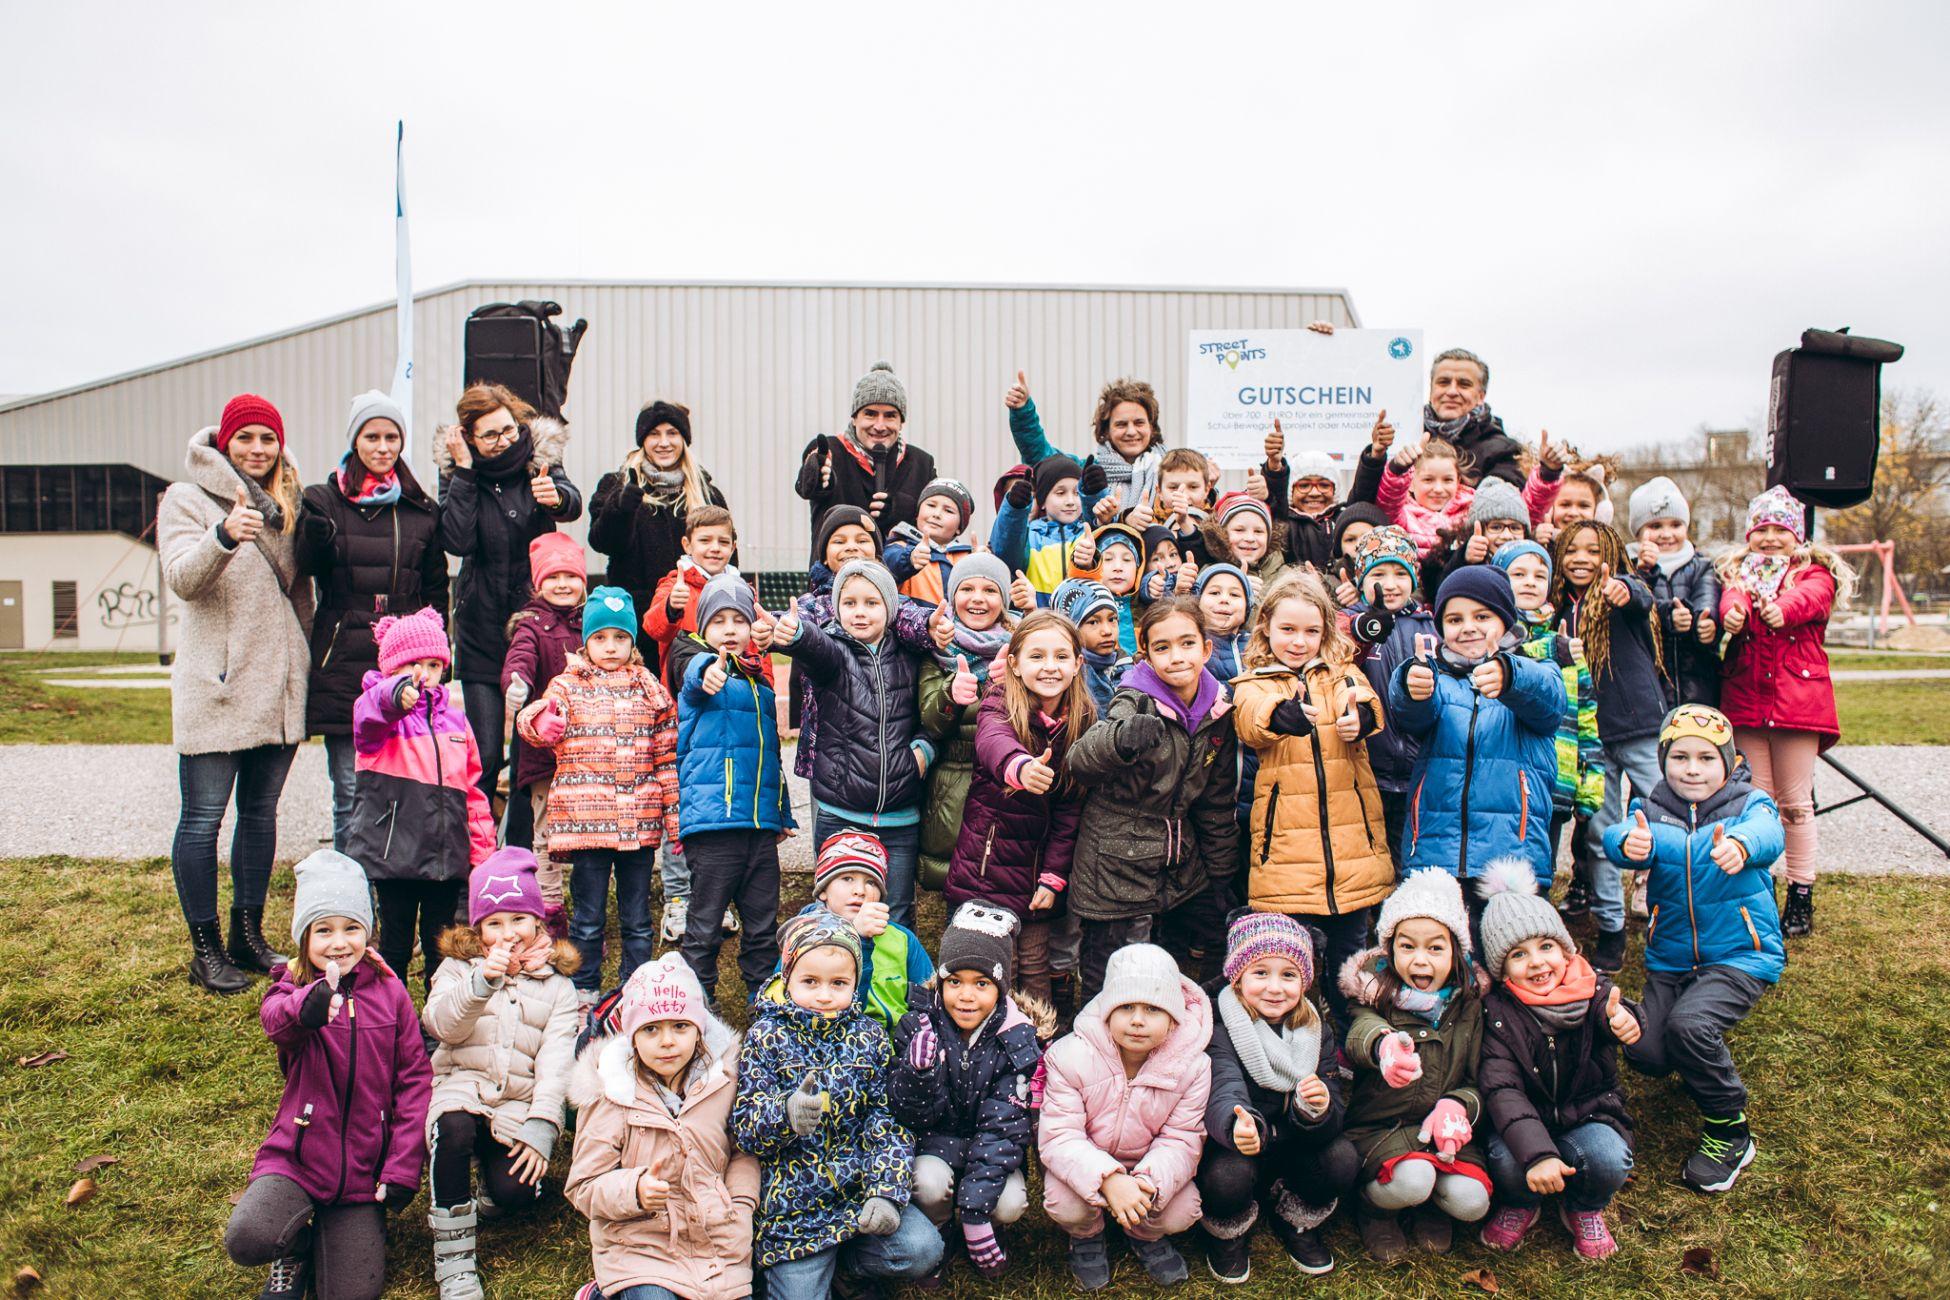 Hunderte Kinder freuten sich beim Finale von Street Points in Donaustadt mit Fußverkehrsbeauftragter Petra Jens und Gemeinderat Josef Taucher über hunderttausende gemeinsam gegangene Kilometer.